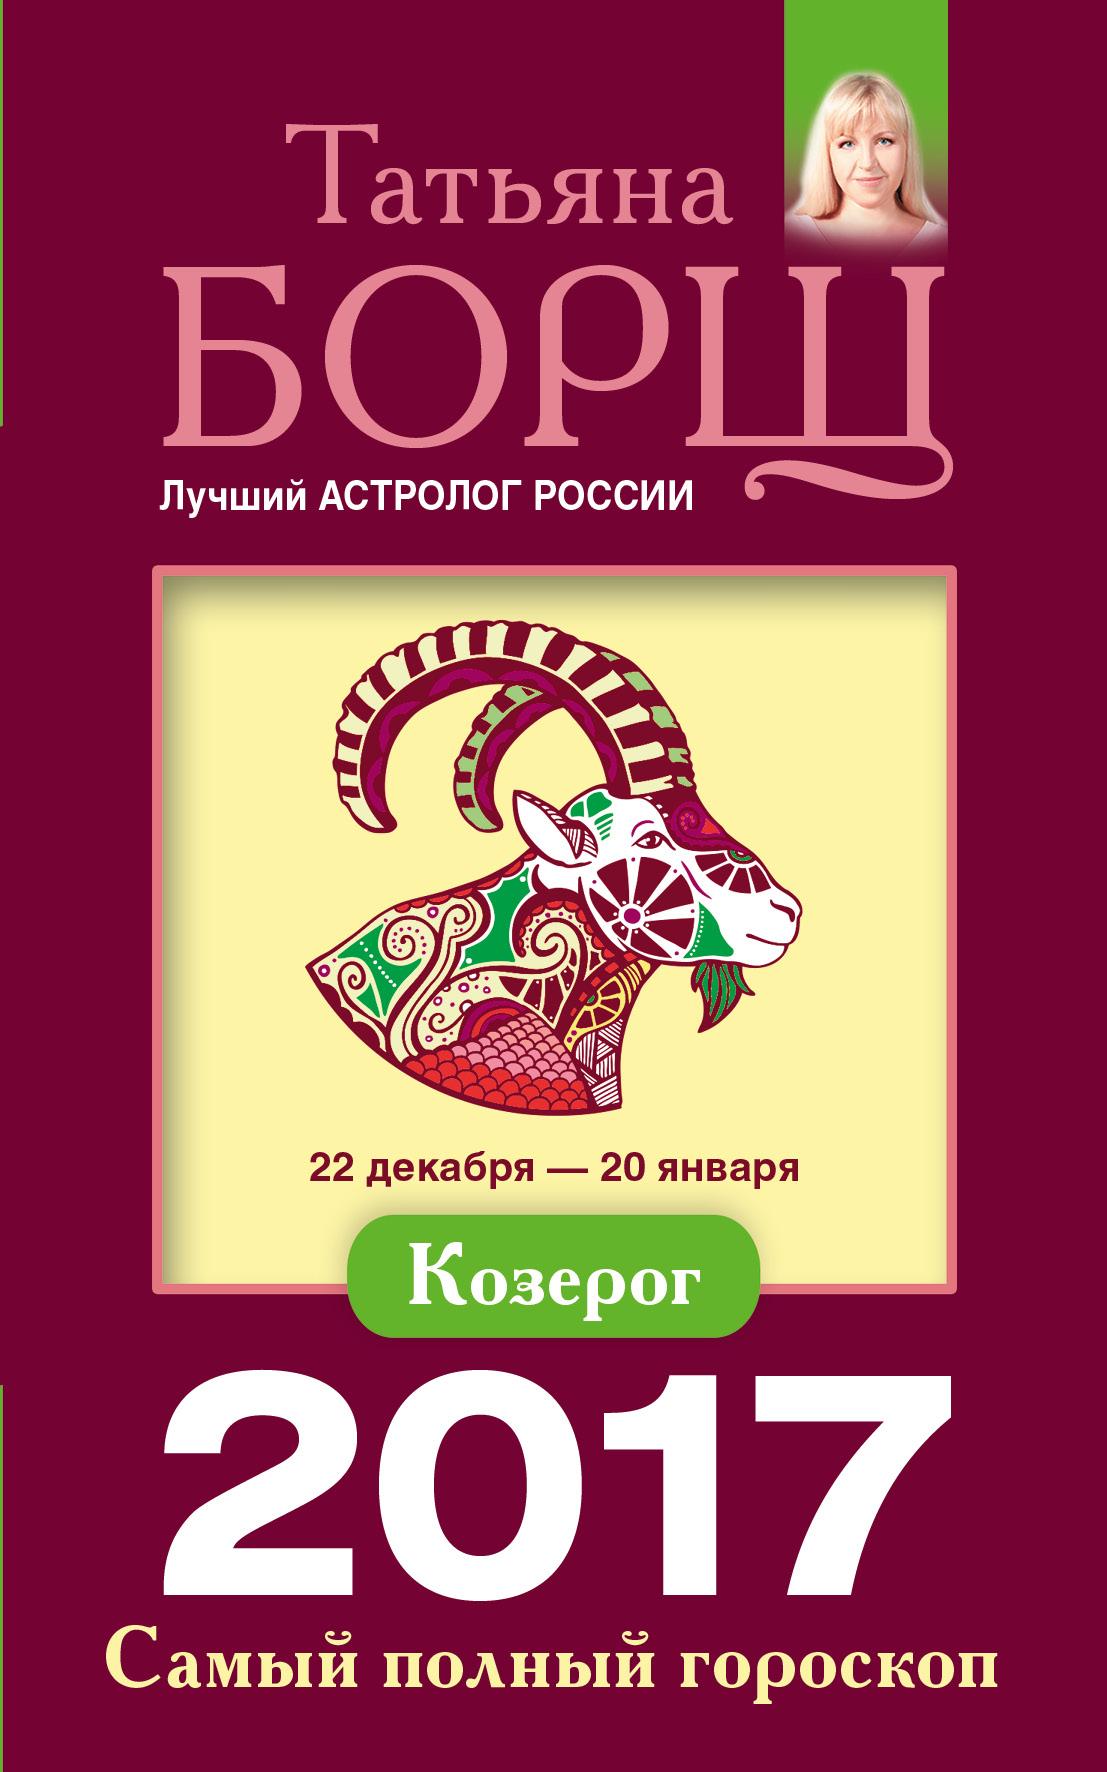 Татьяна Борщ Козерог. Самый полный гороскоп на 2017 год цена